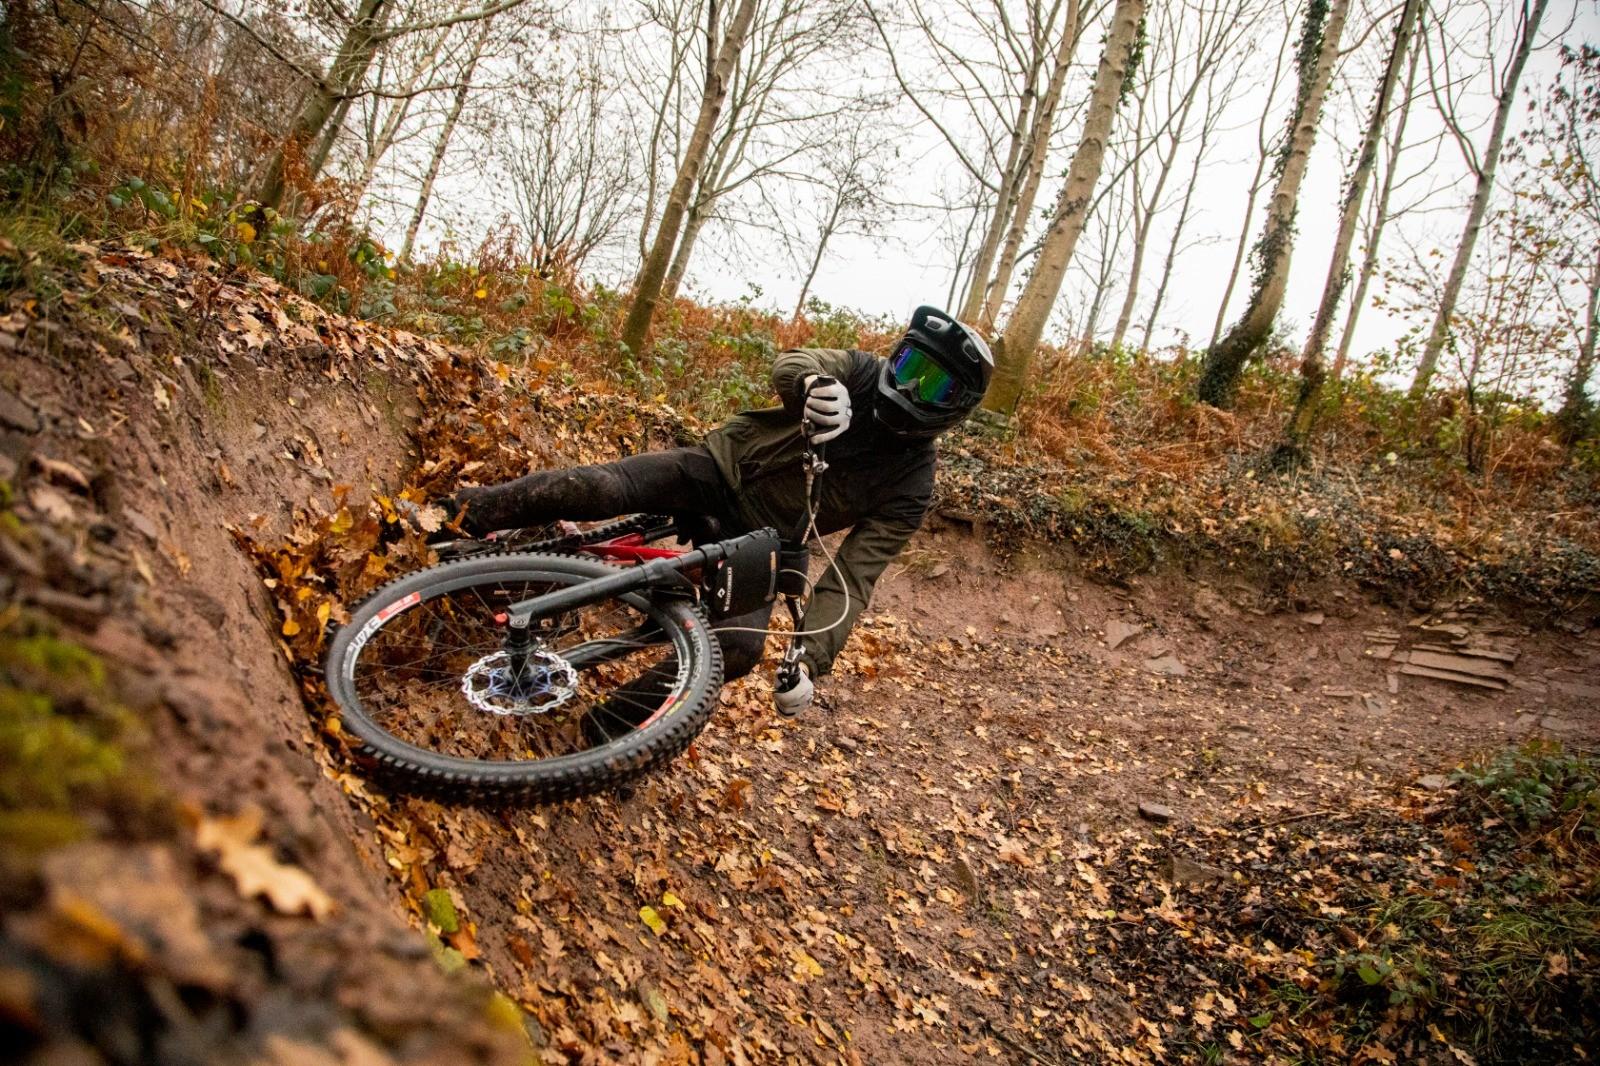 931EFCA5-92DE-43F8-B4FB-A1820BD96A4F - martin dunn - Mountain Biking Pictures - Vital MTB